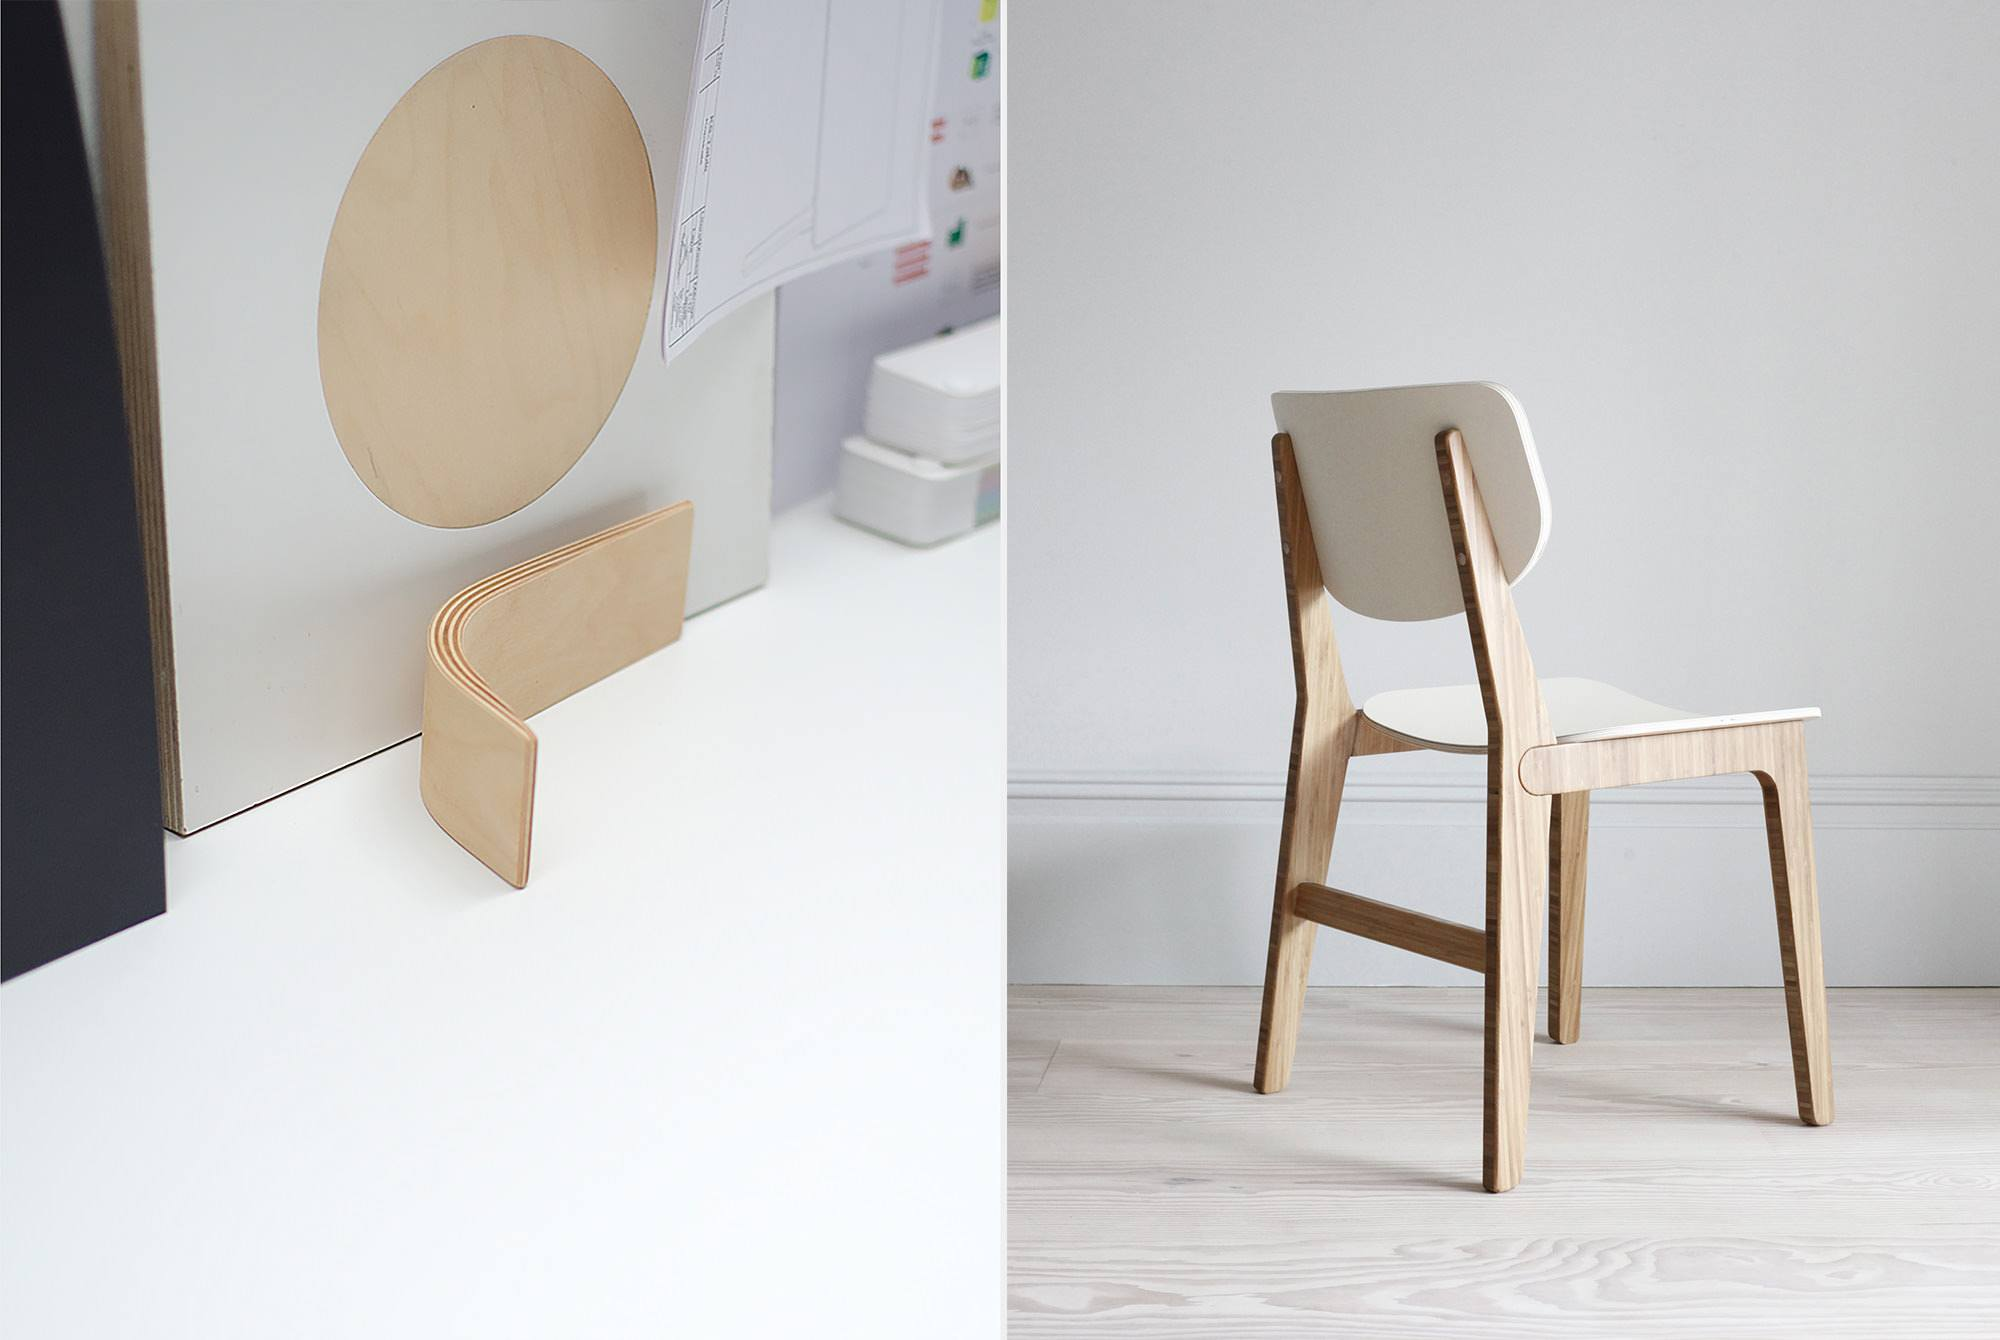 building-a-british-design-brand-ByALEX-005